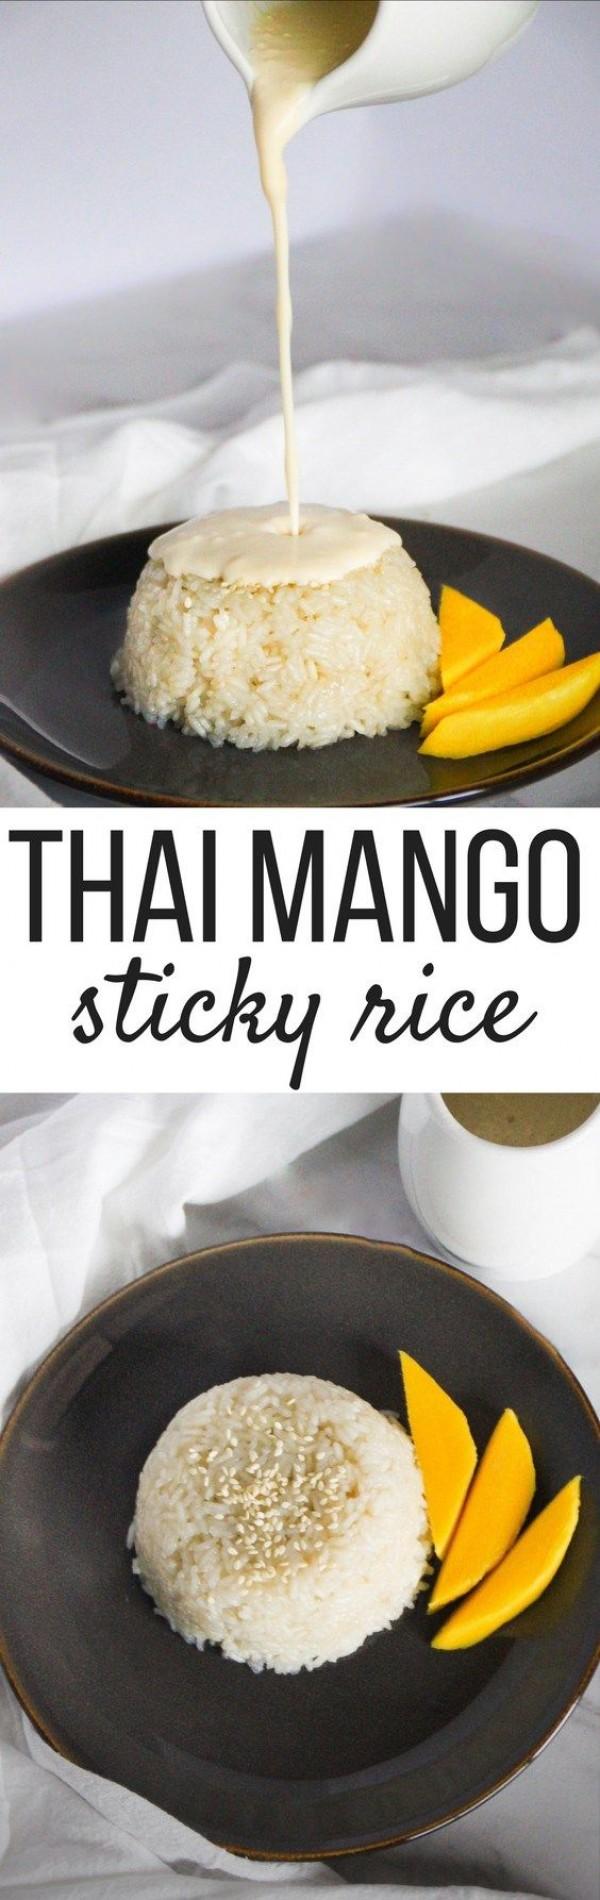 Get the recipe Thai Mango Sticky Rice @recipes_to_go